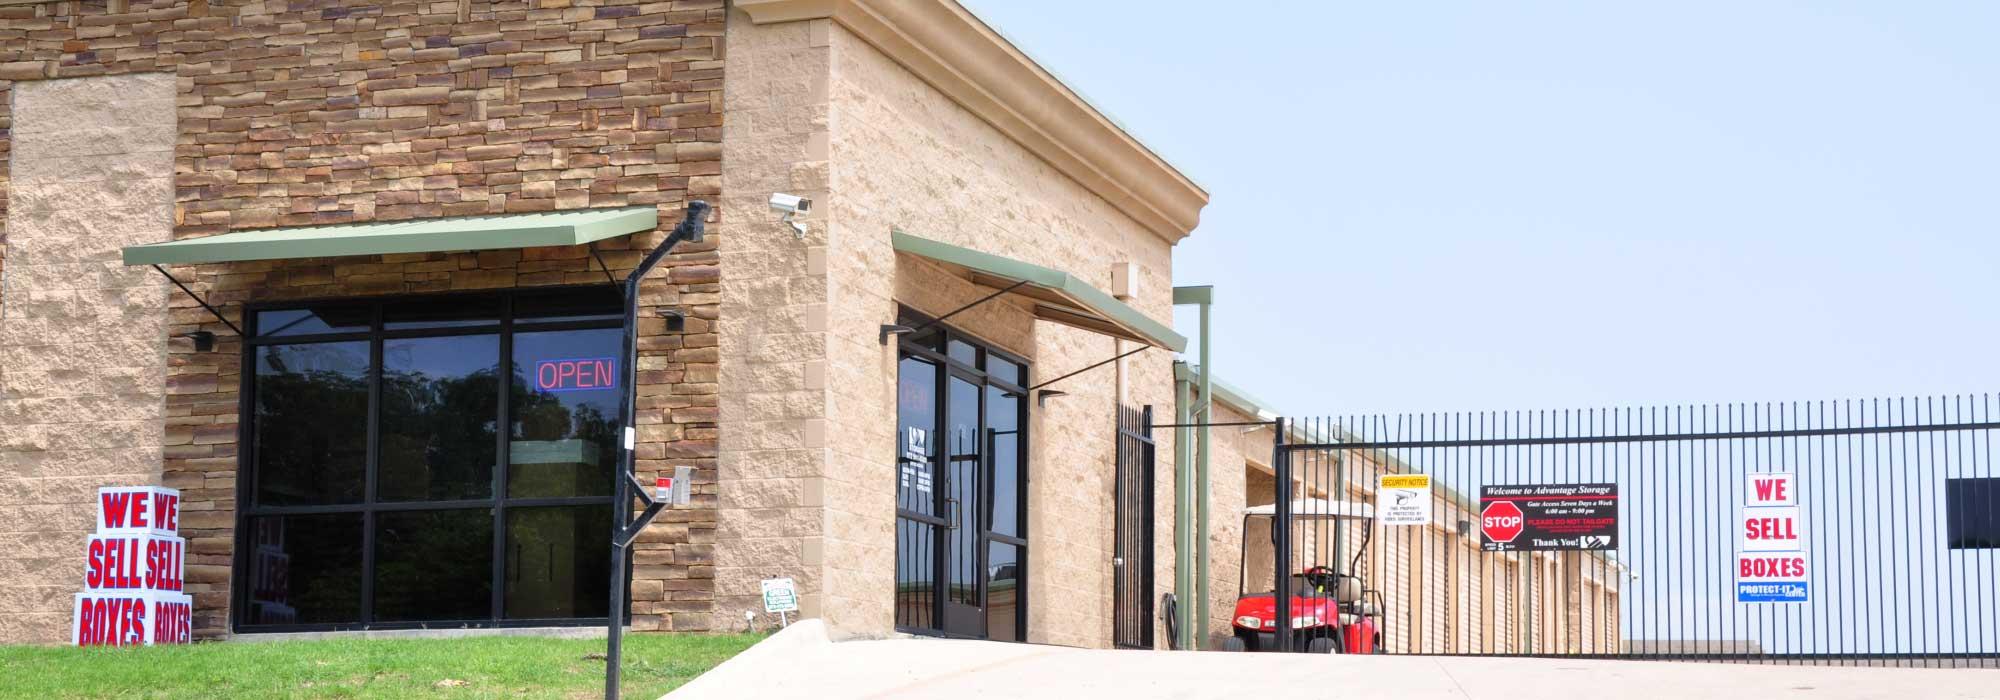 Self storage in Wylie TX